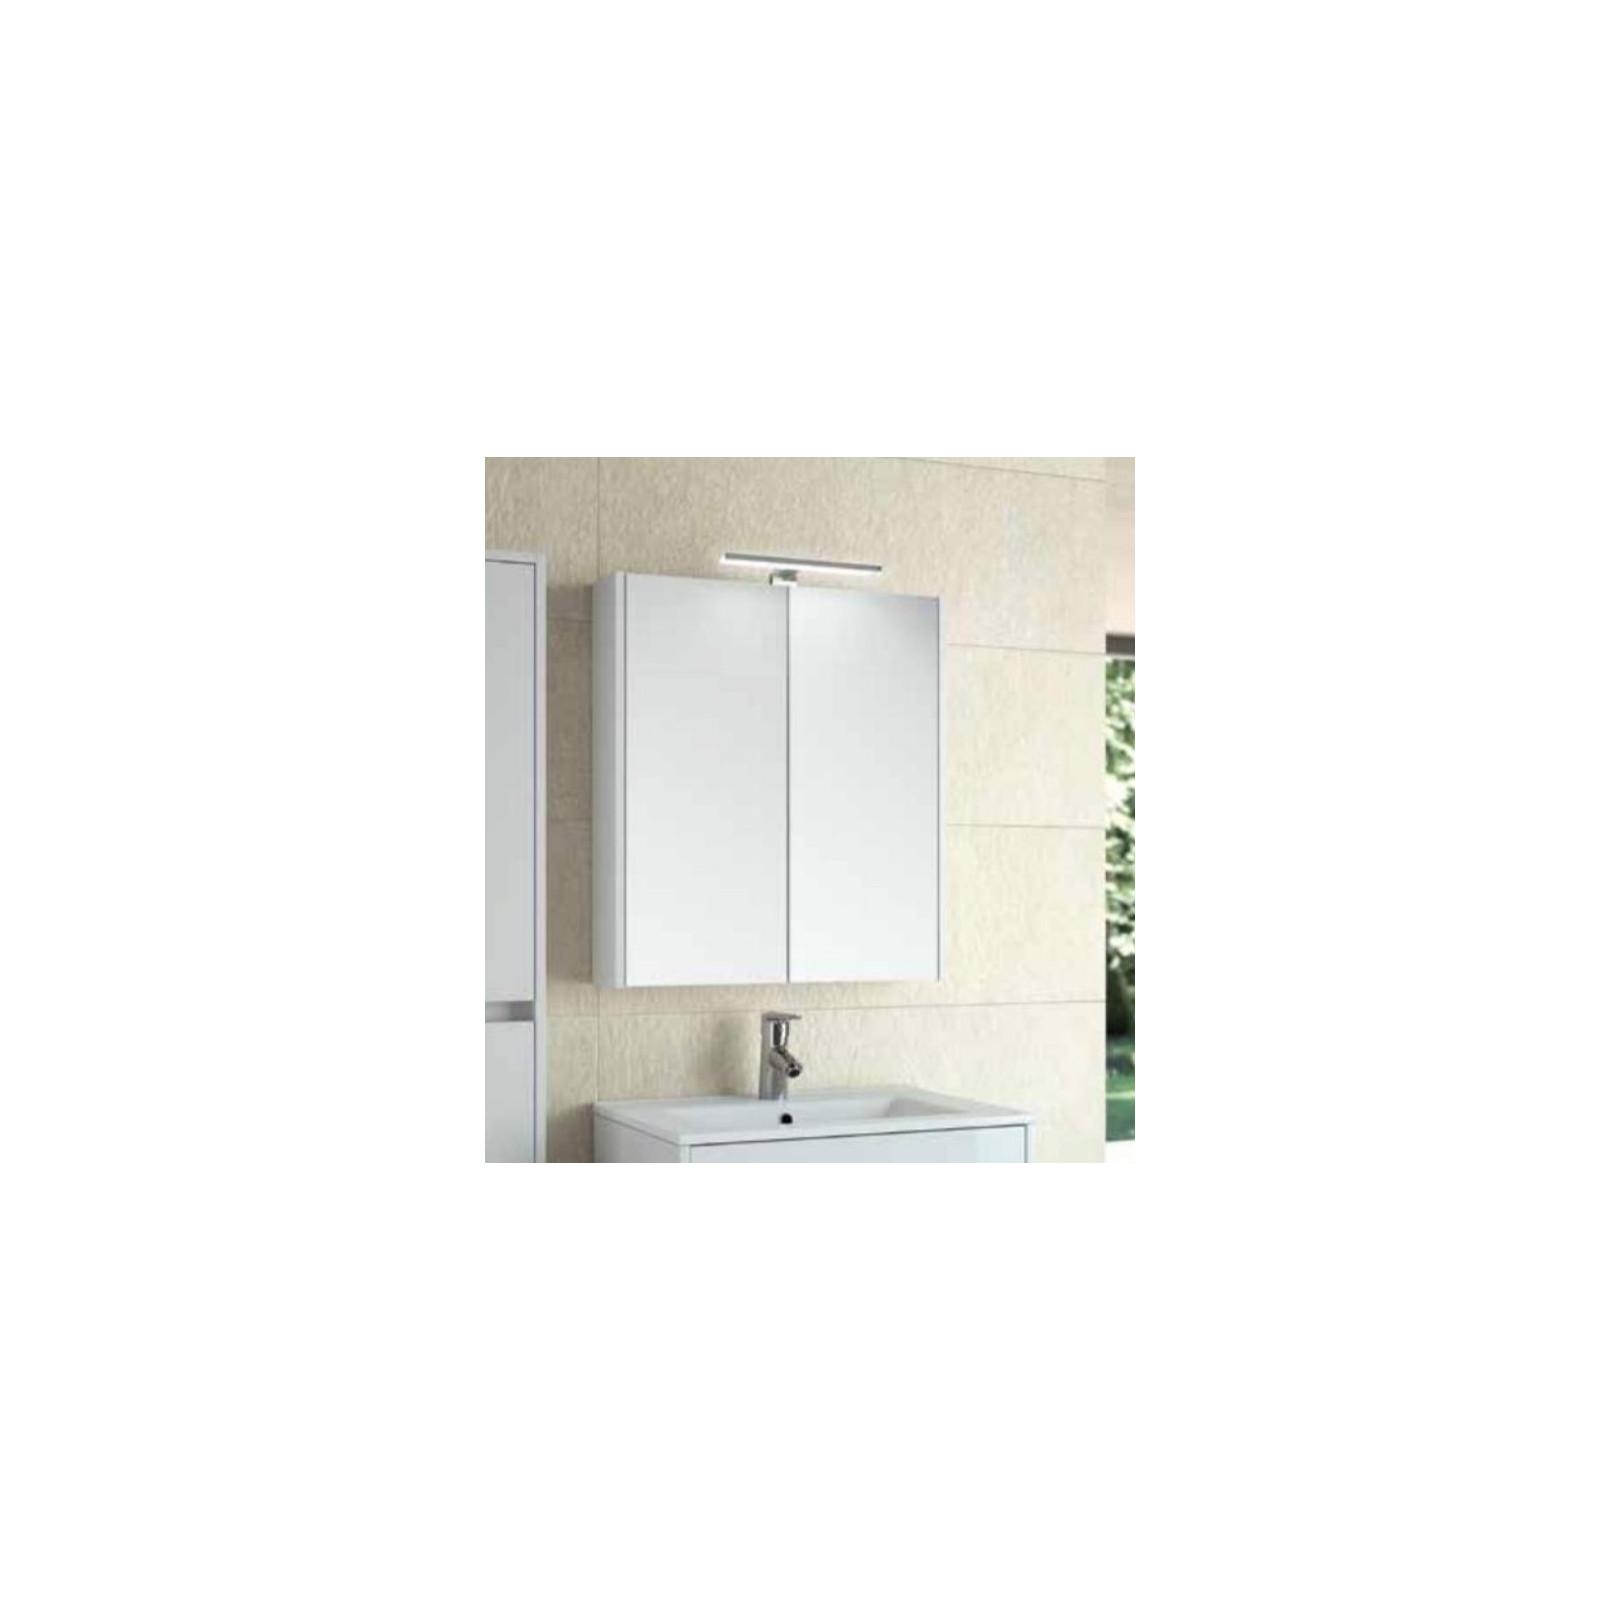 Armoire Miroir Suspendue De Salle De Bain Faible Profondeur Schwan 600 Et 800 Casalux Home Design